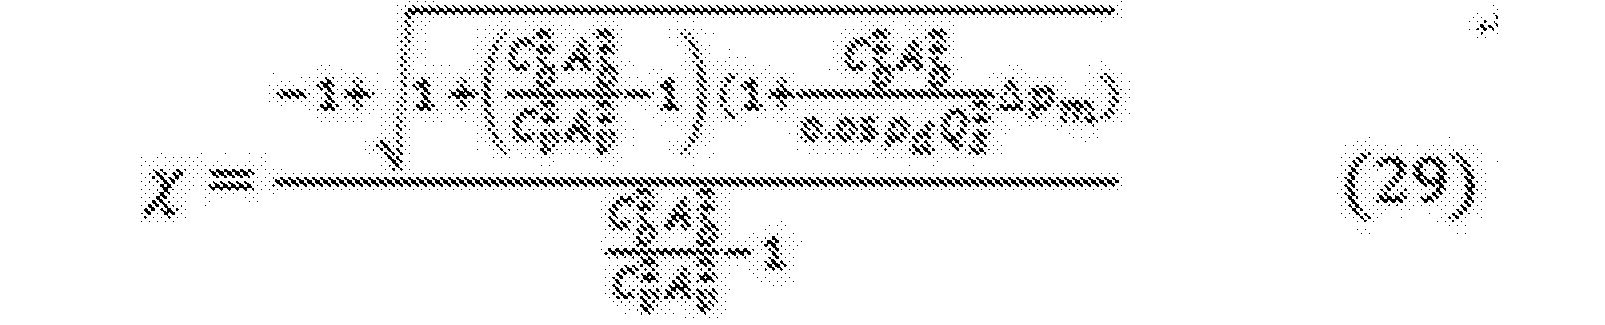 Figure CN108166940BC00046